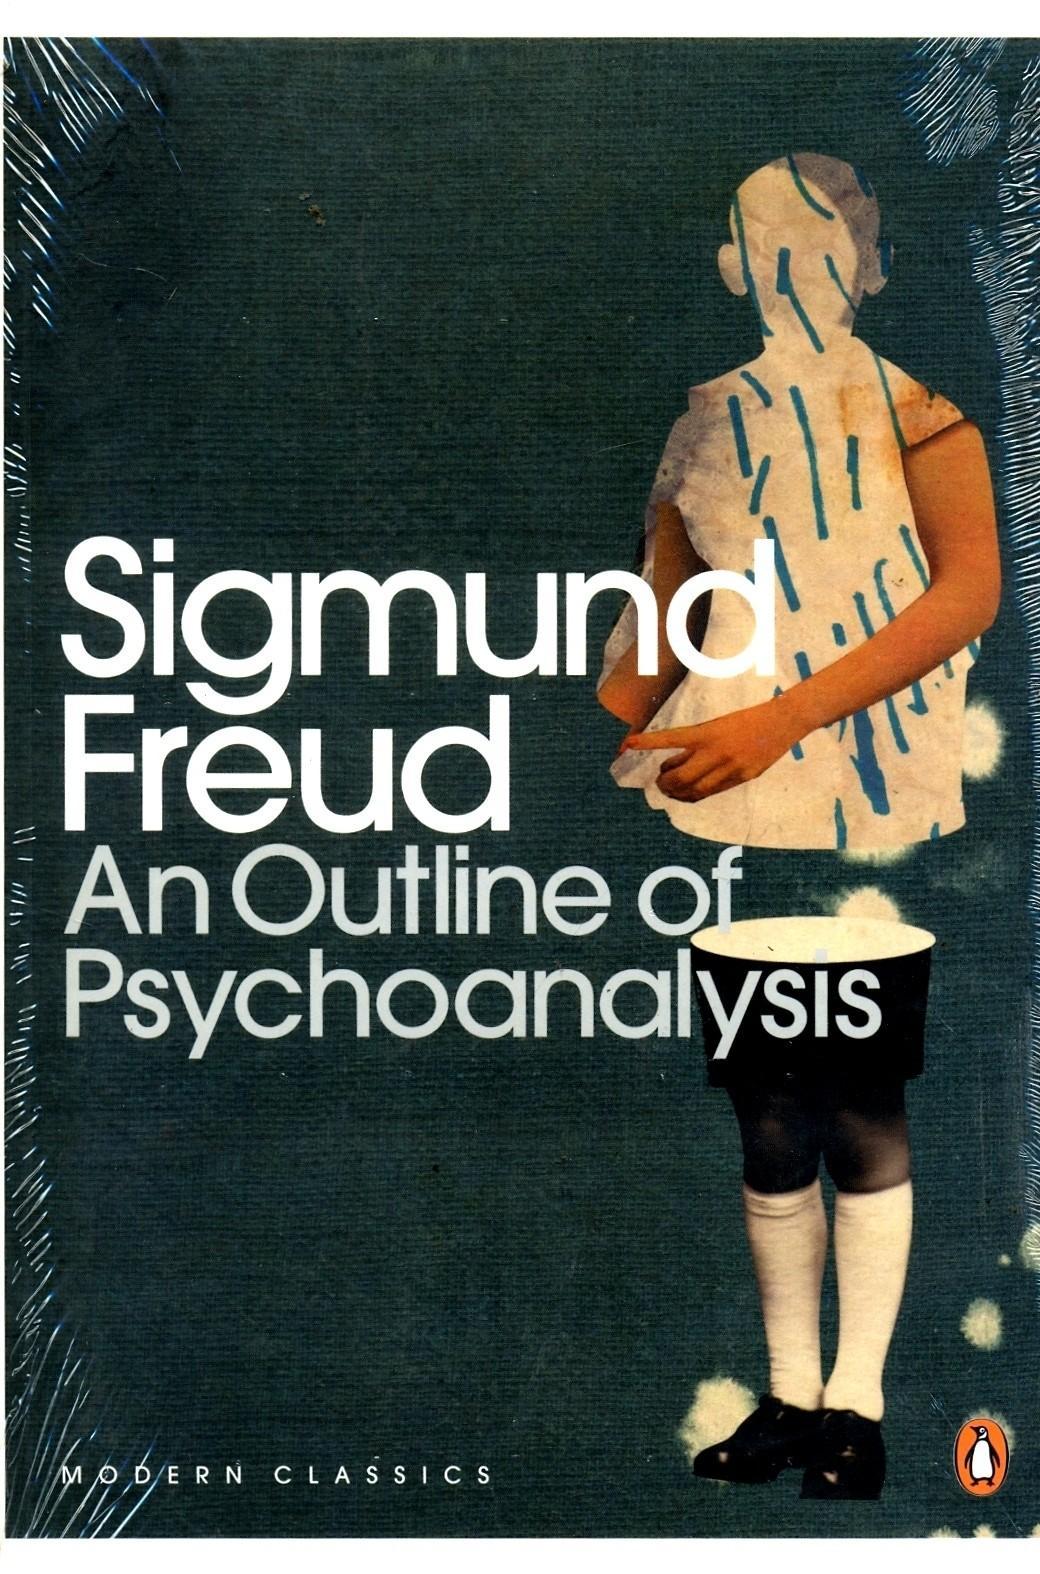 sigmund freud outline